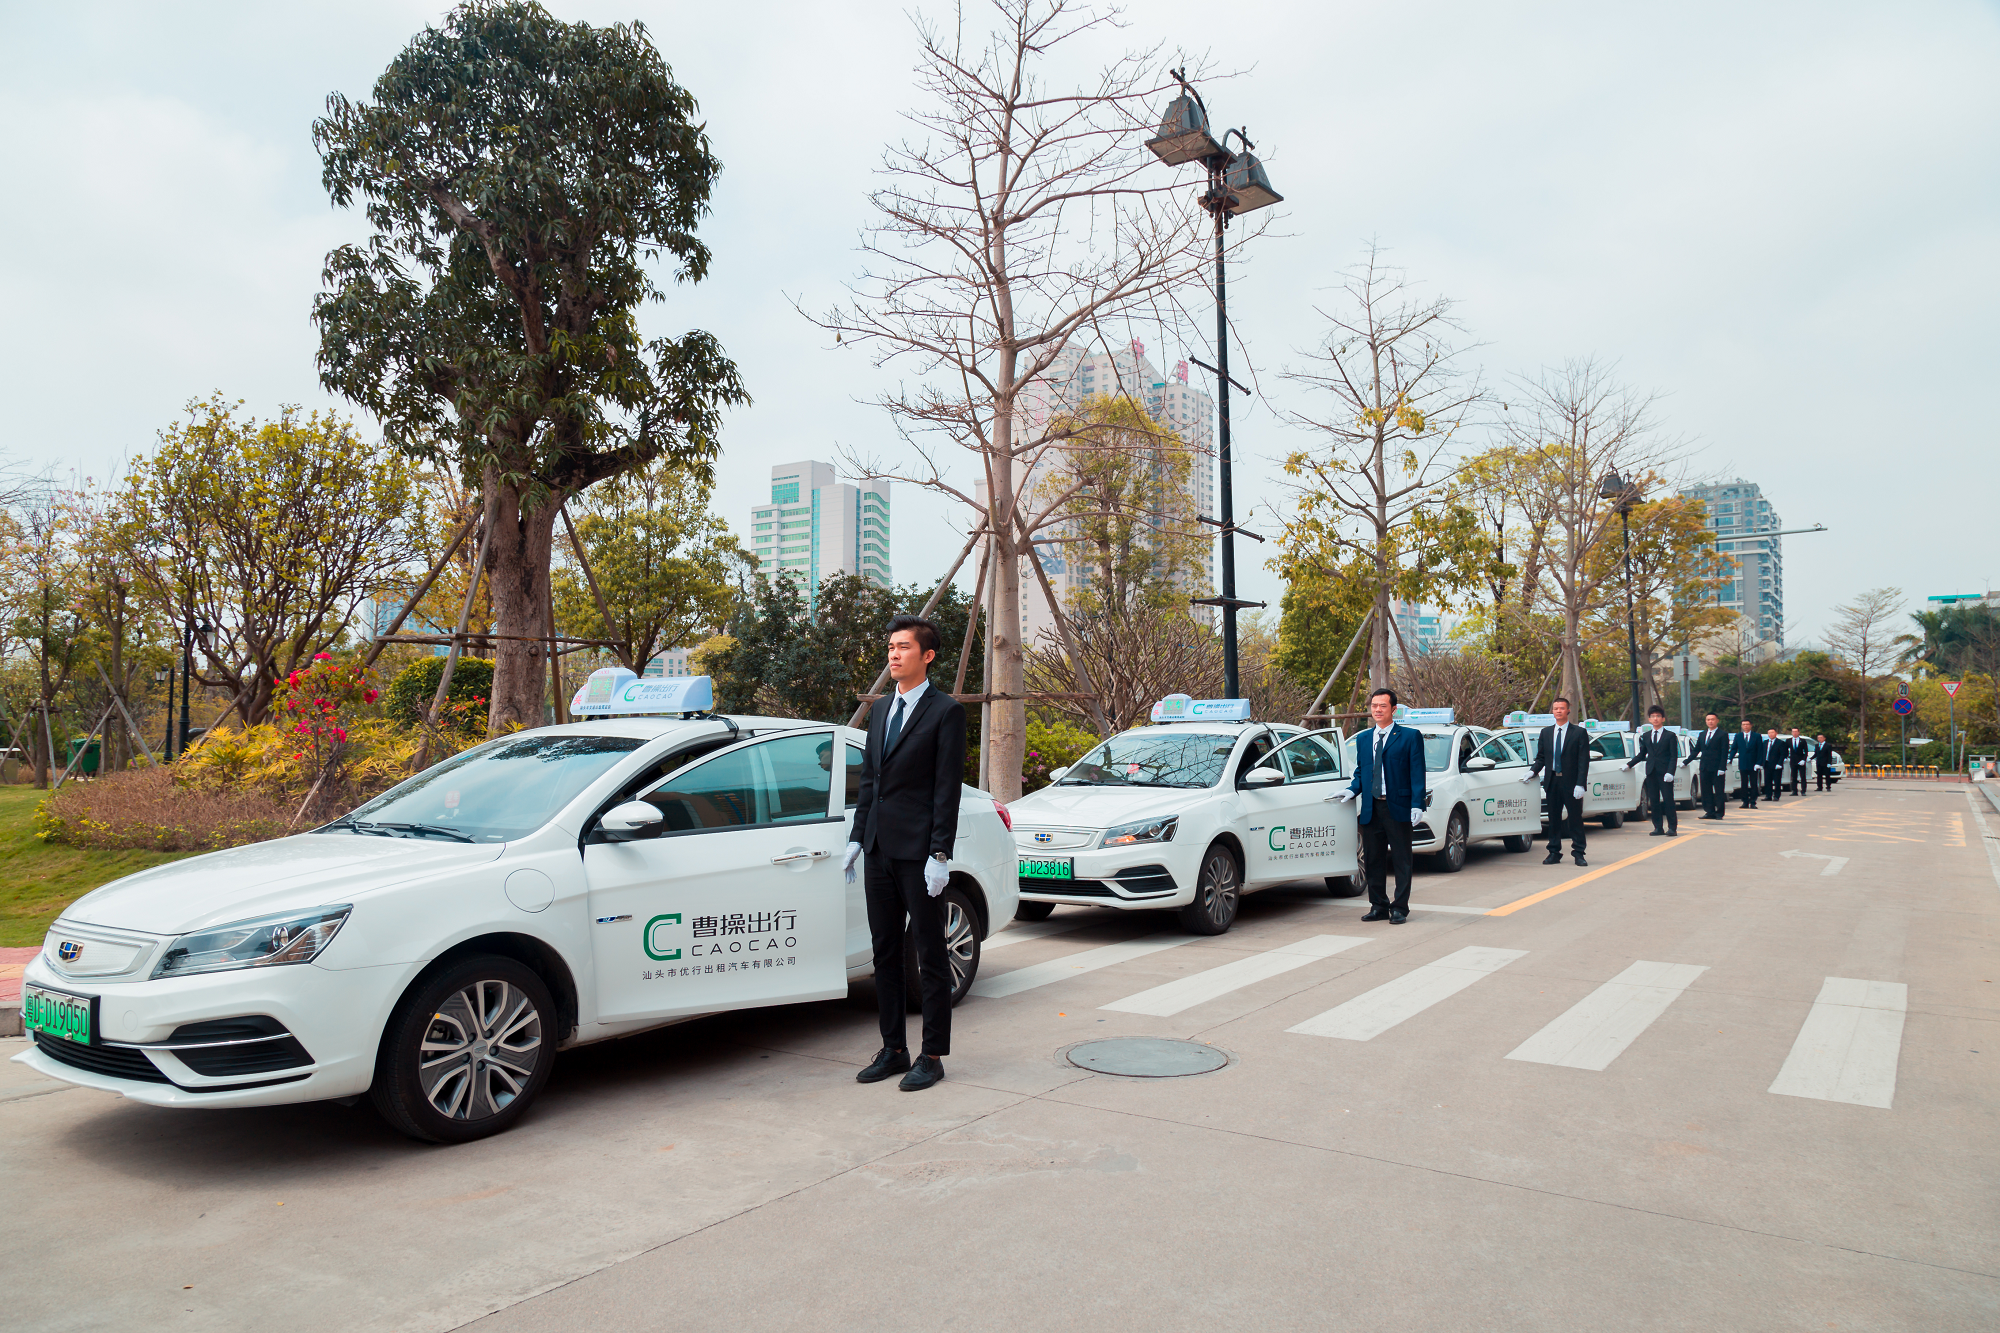 曹操出行坚持B2C运营模式  助力汕头网约车服务全面升级